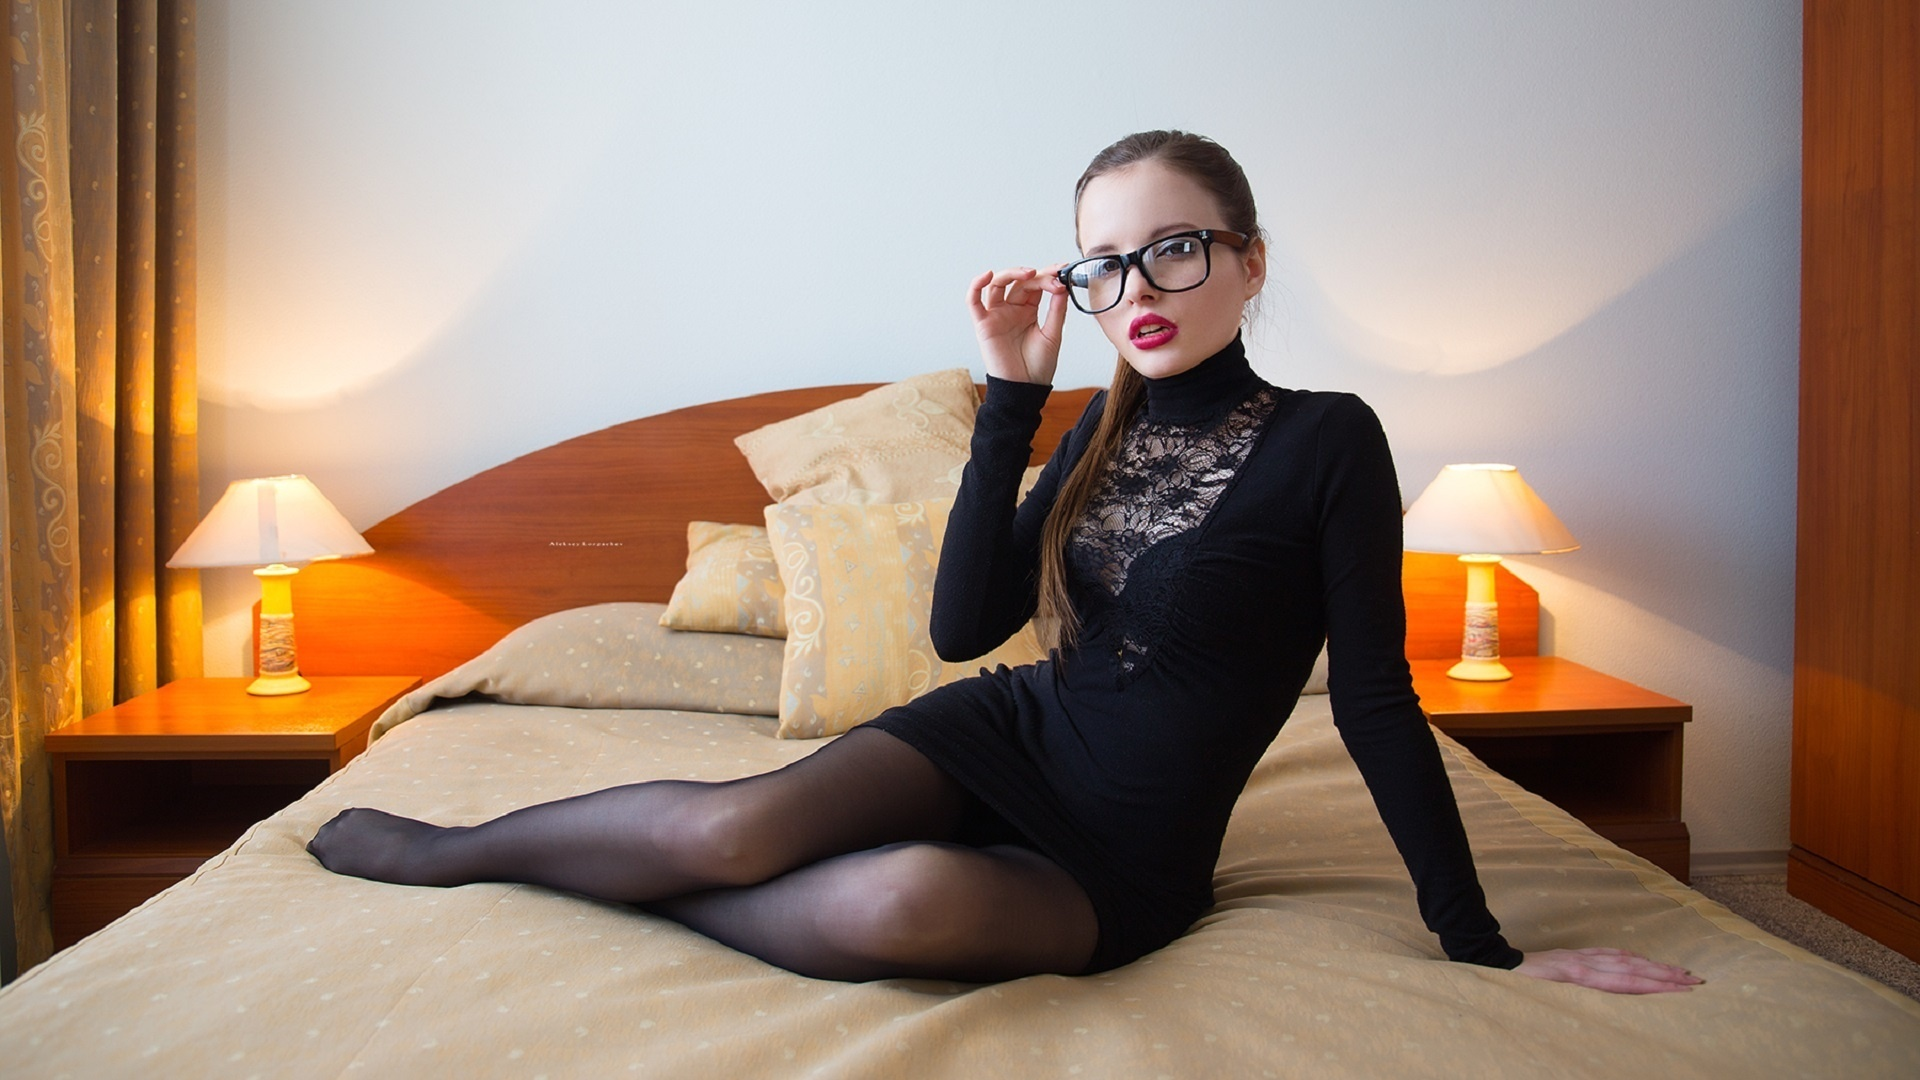 девушка, тело, фигура, ножки, поза, очки, by лозгачев алексей, очки, платье, колготки